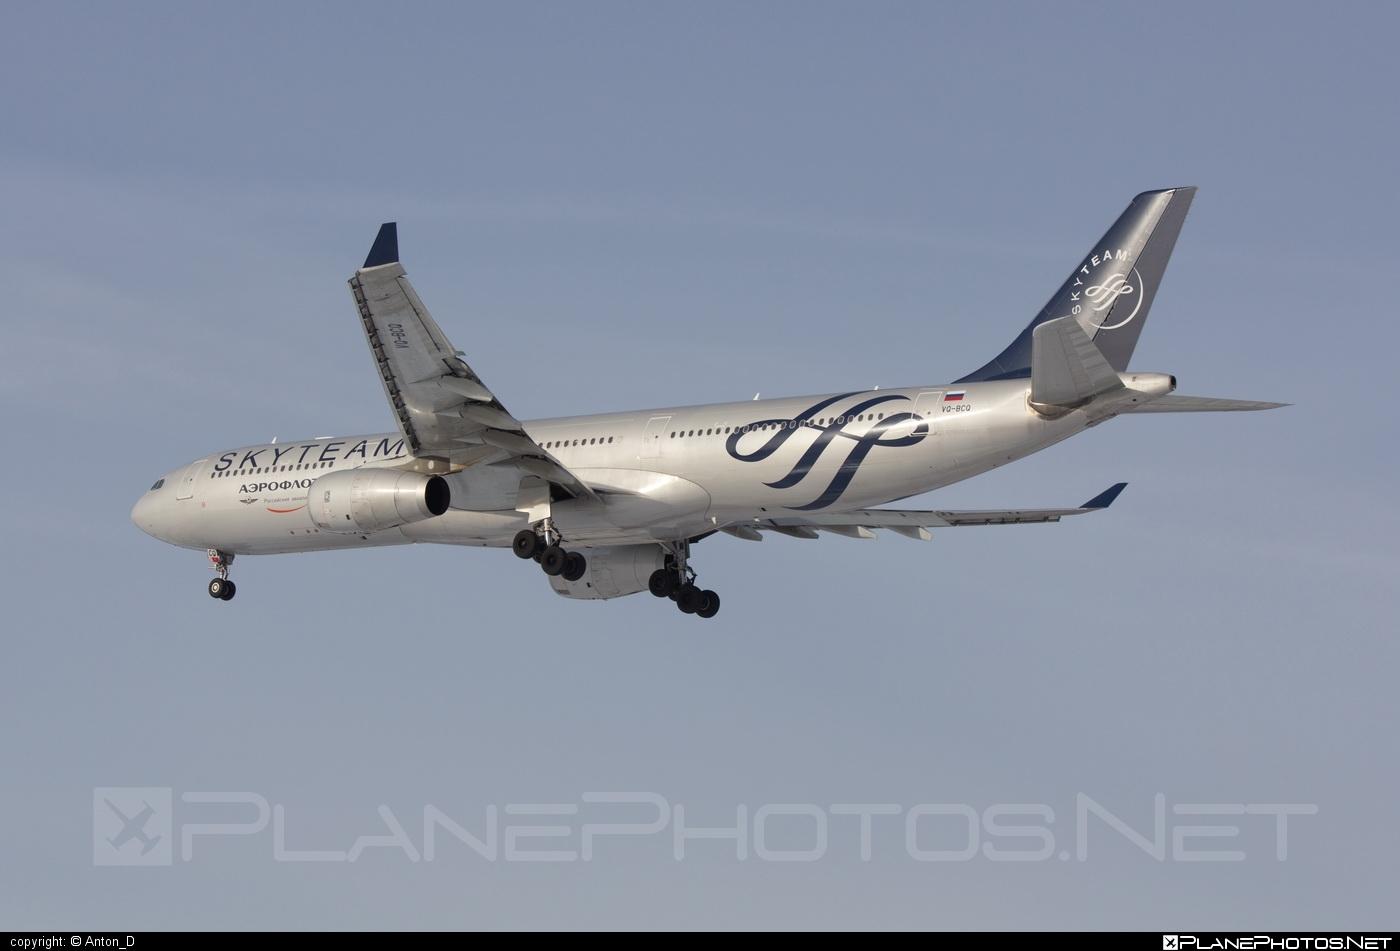 Airbus A330-343E - VQ-BCQ operated by Aeroflot #a330 #a330e #a330family #aeroflot #airbus #airbus330 #skyteam